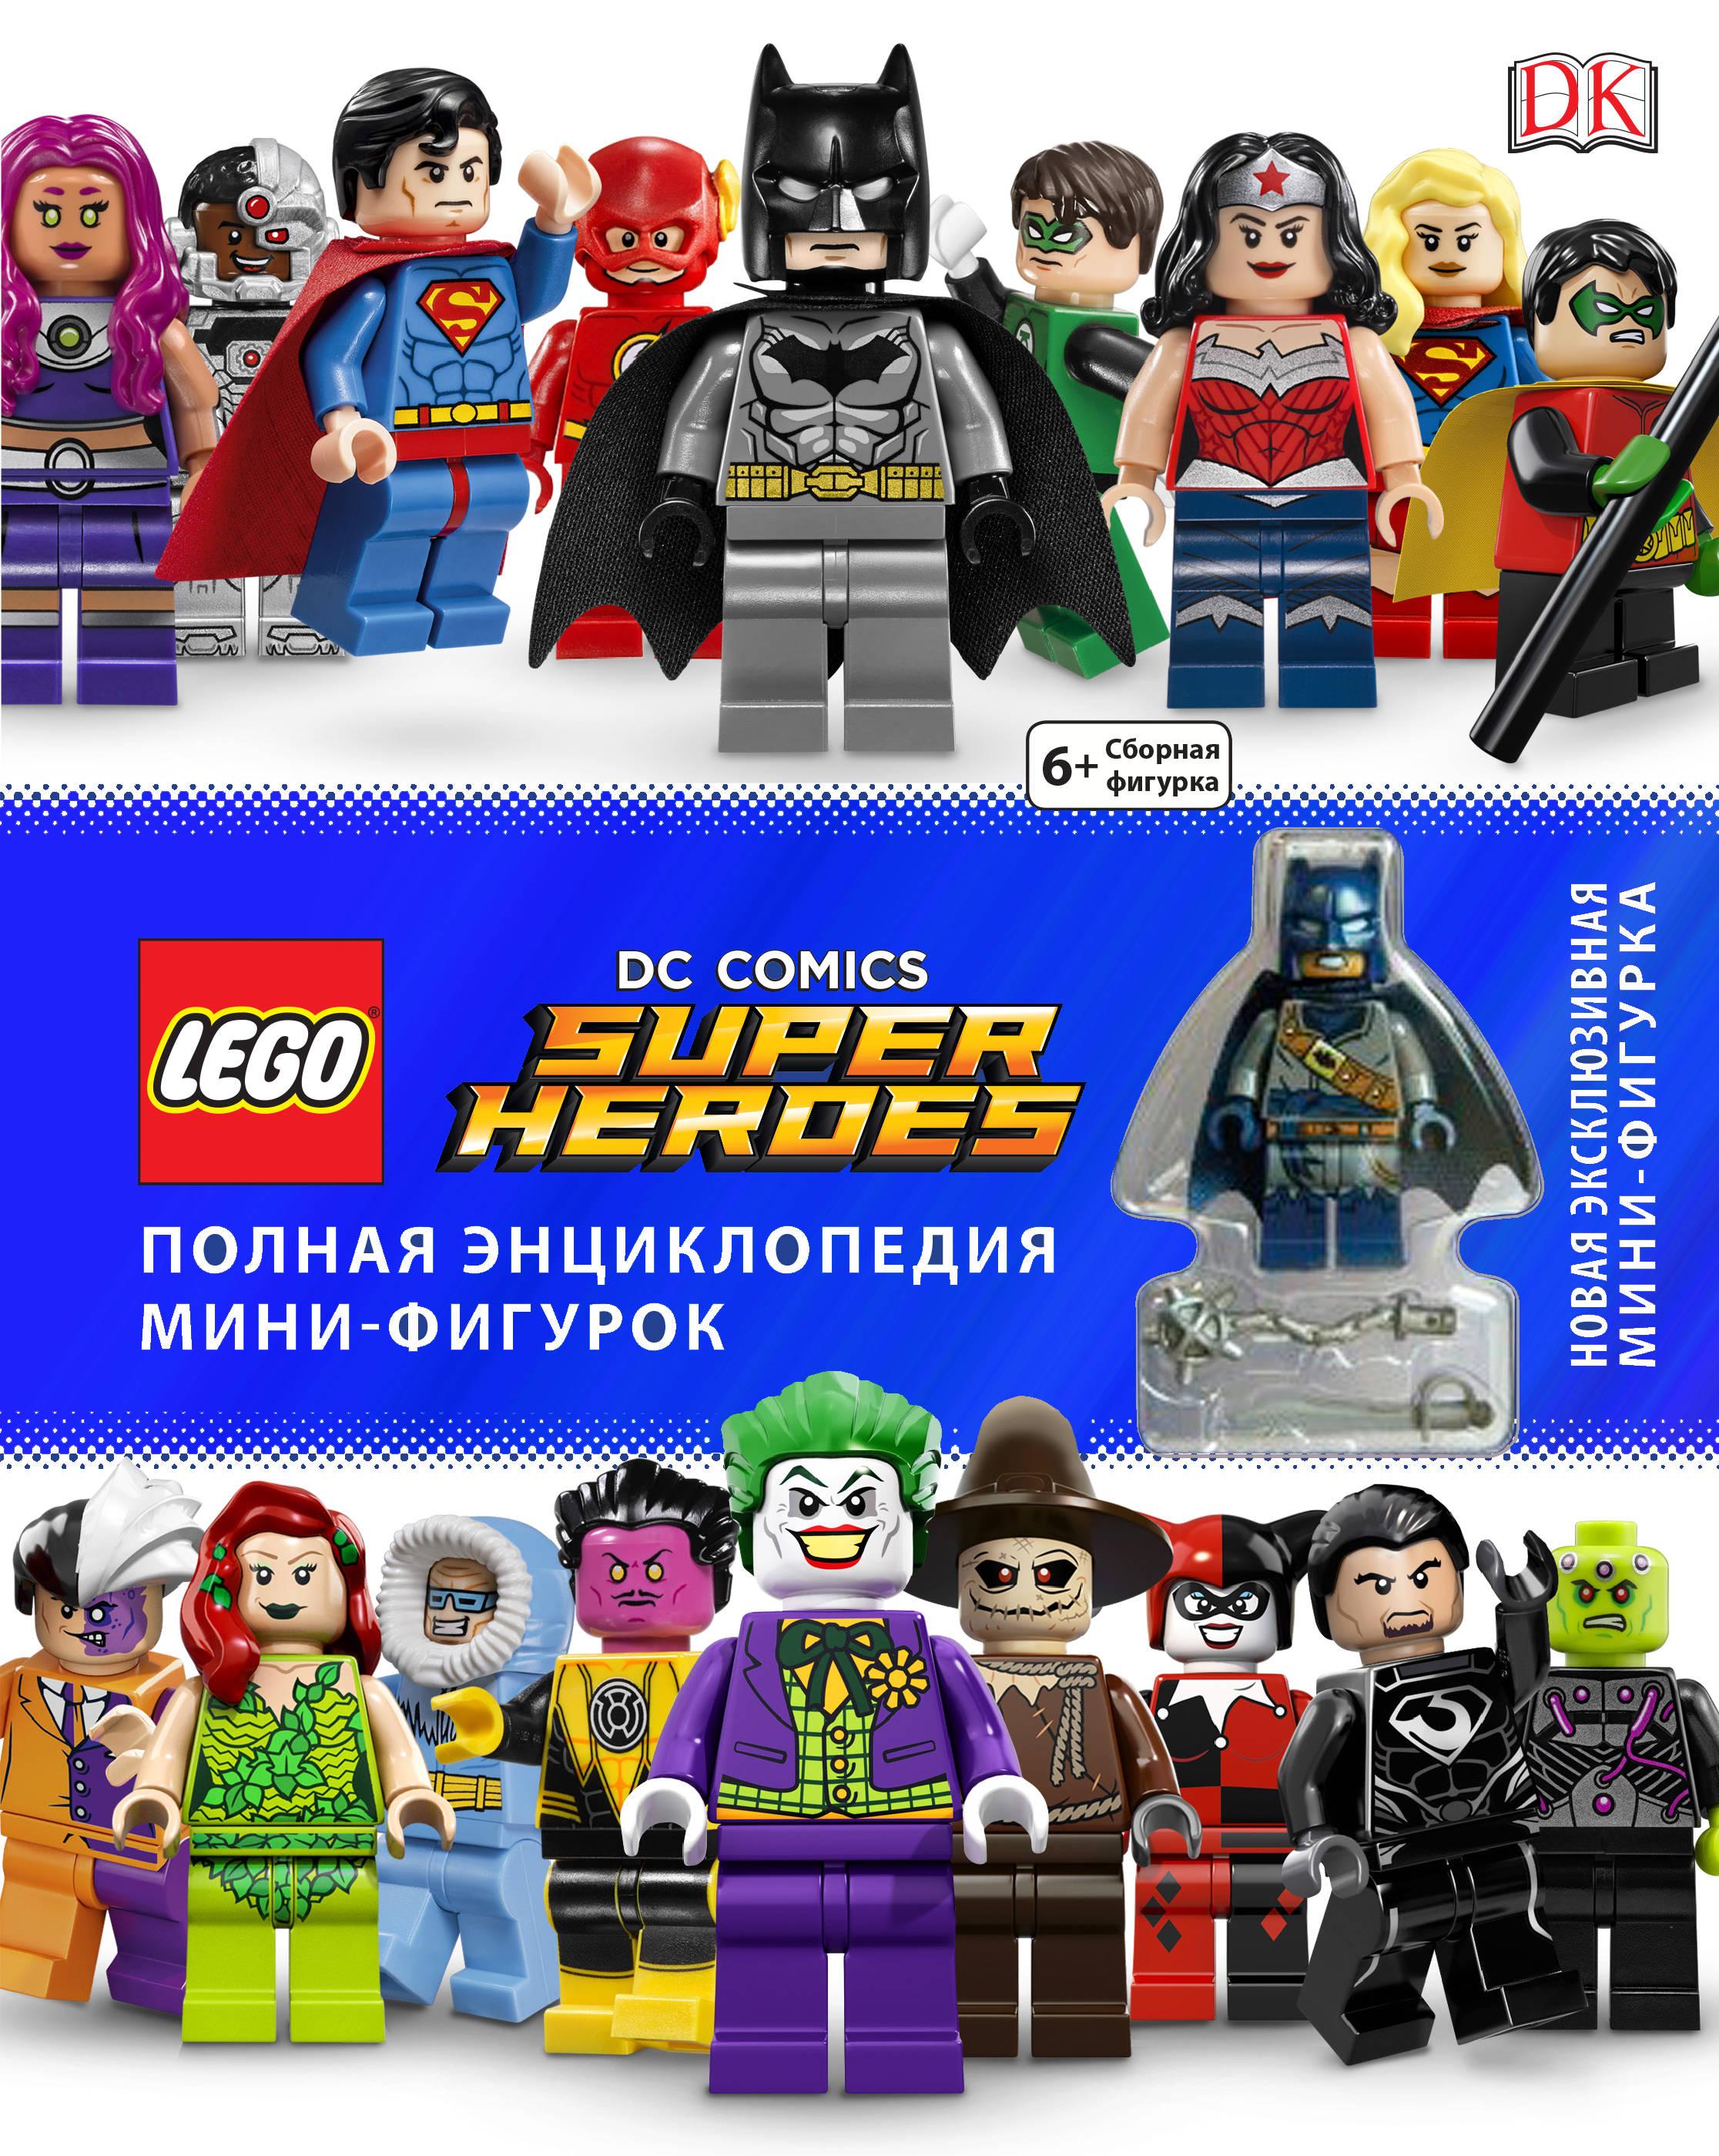 С. Хьюго, К. Скотт LEGO DC Comics: Полная энциклопедия мини-фигурок (+ эксклюзивная мини-фигурка)